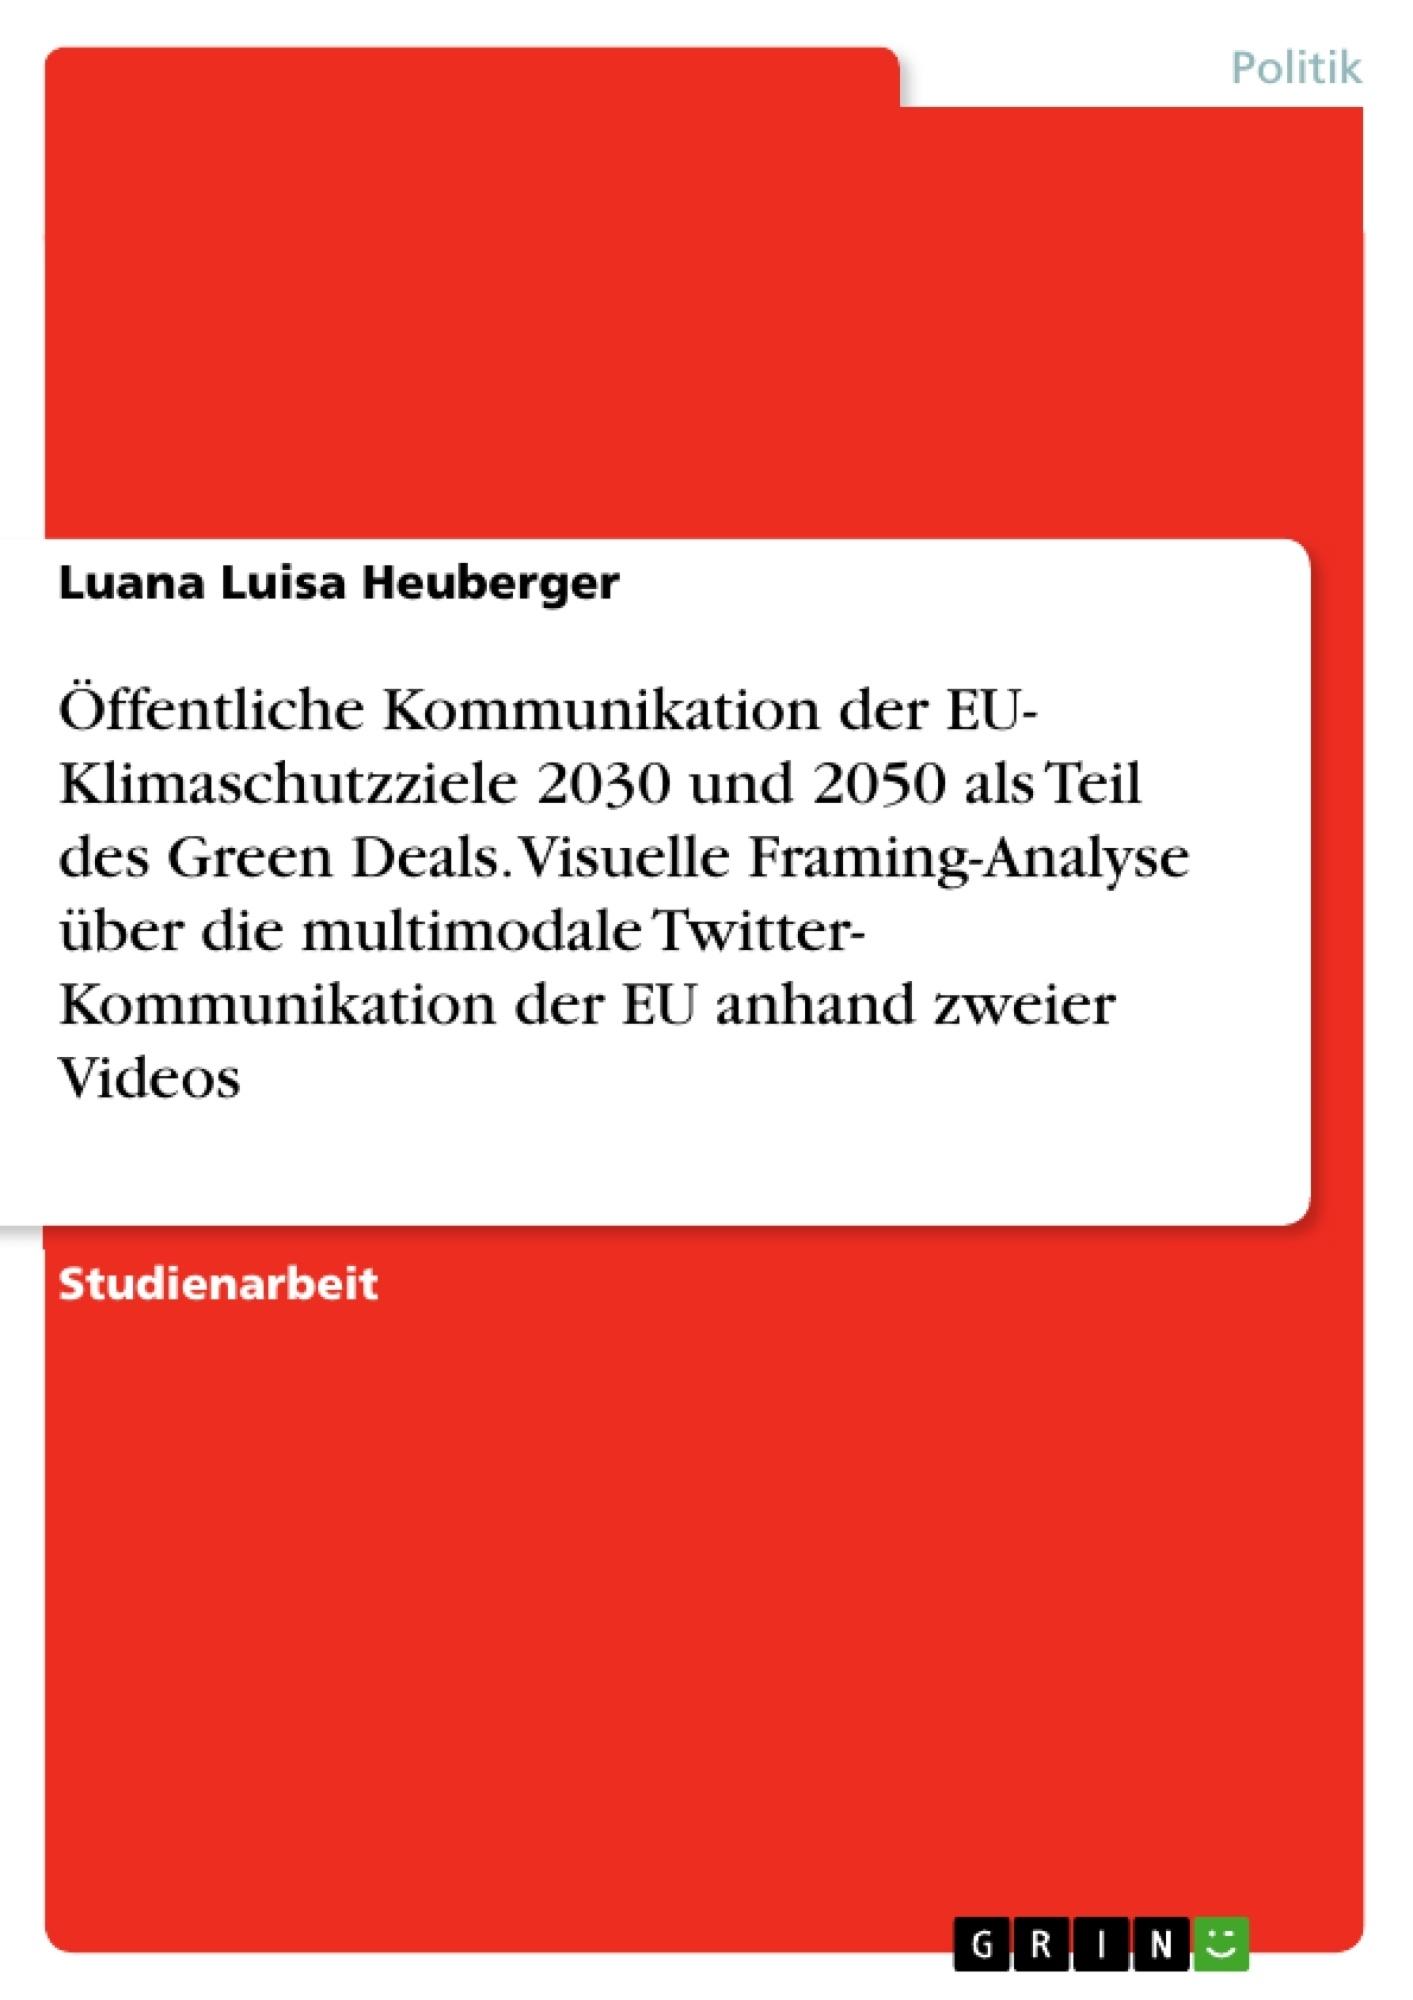 Titel: Öffentliche Kommunikation der EU- Klimaschutzziele 2030 und 2050 als Teil des Green Deals. Visuelle Framing-Analyse über die multimodale Twitter- Kommunikation der EU anhand zweier Videos